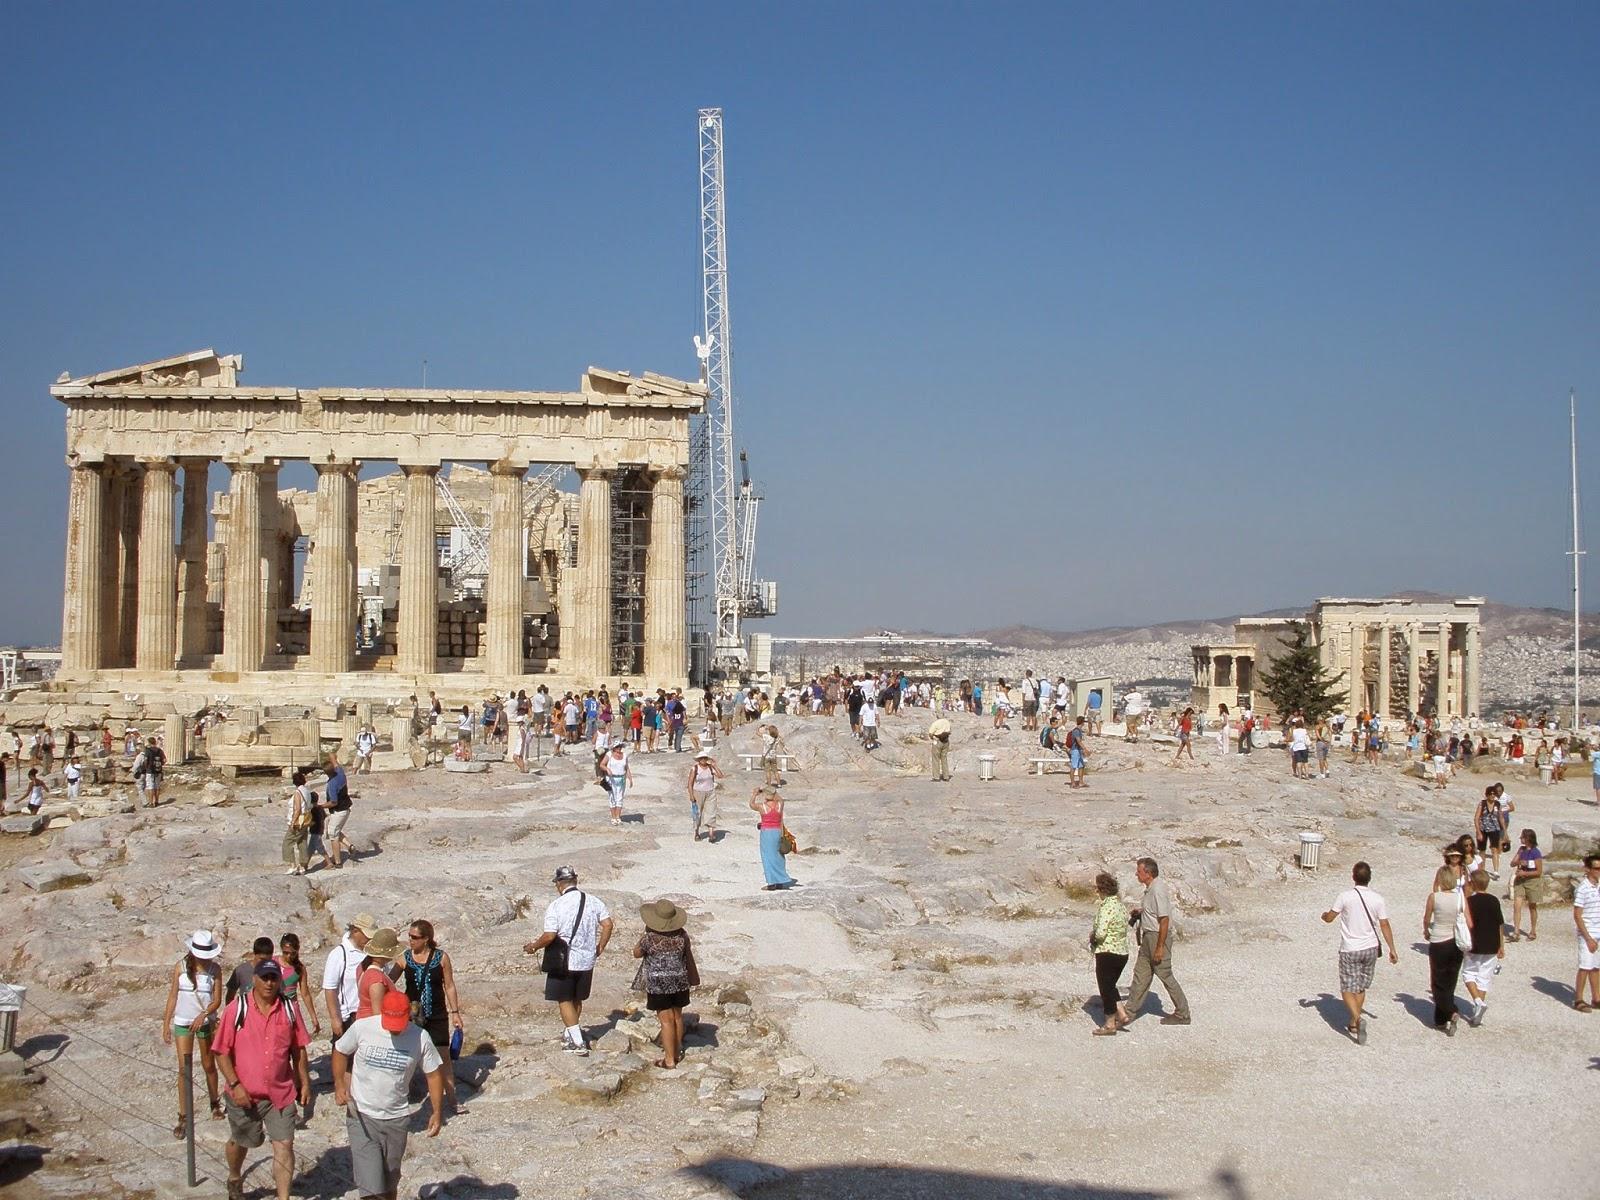 La Acrópolis de Atenas es la más importante de las ciudades griegas.